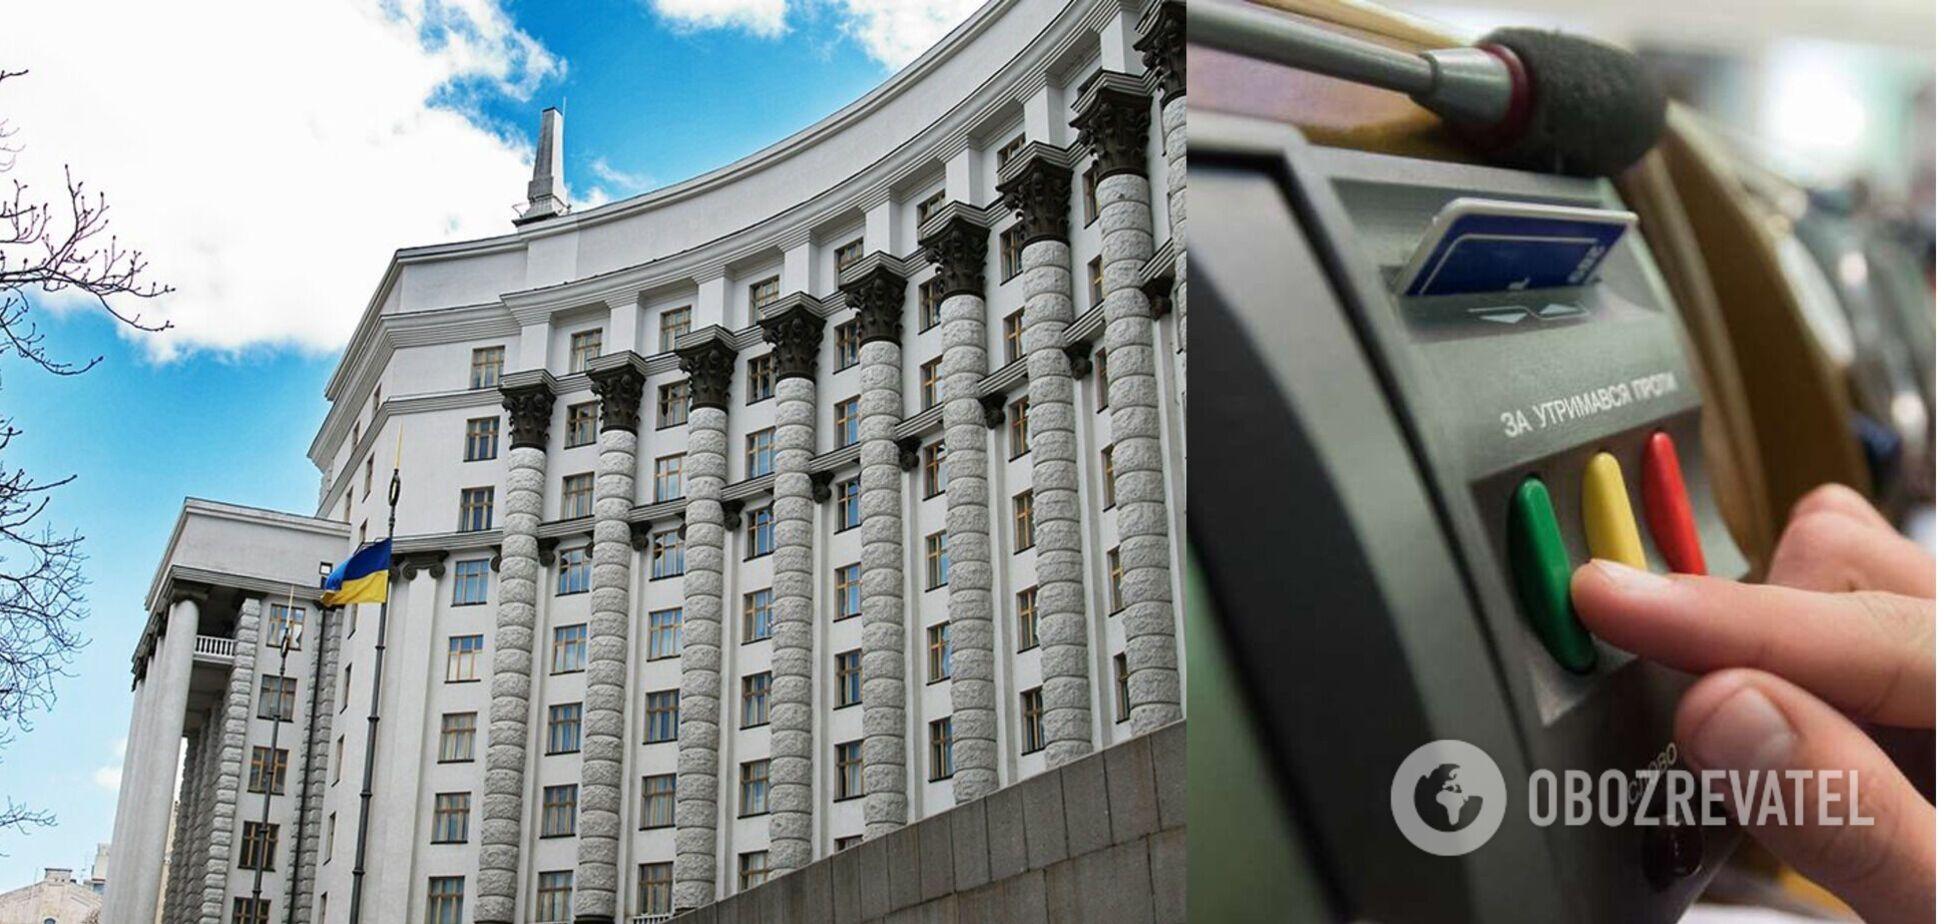 В Україні можуть звільнити трьох міністрів: нардеп назвав прізвища